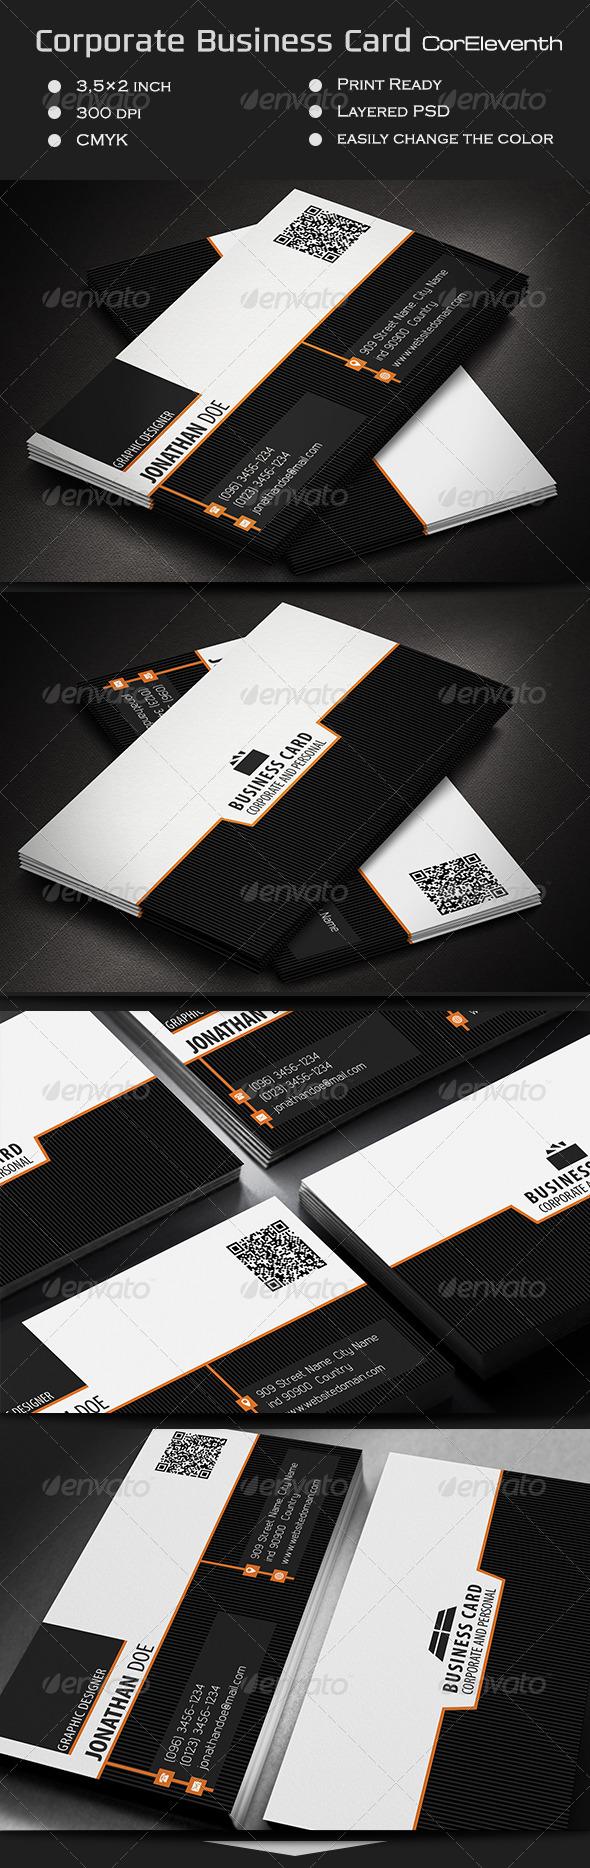 GraphicRiver Corporate Business Card CorEleventh 7384604